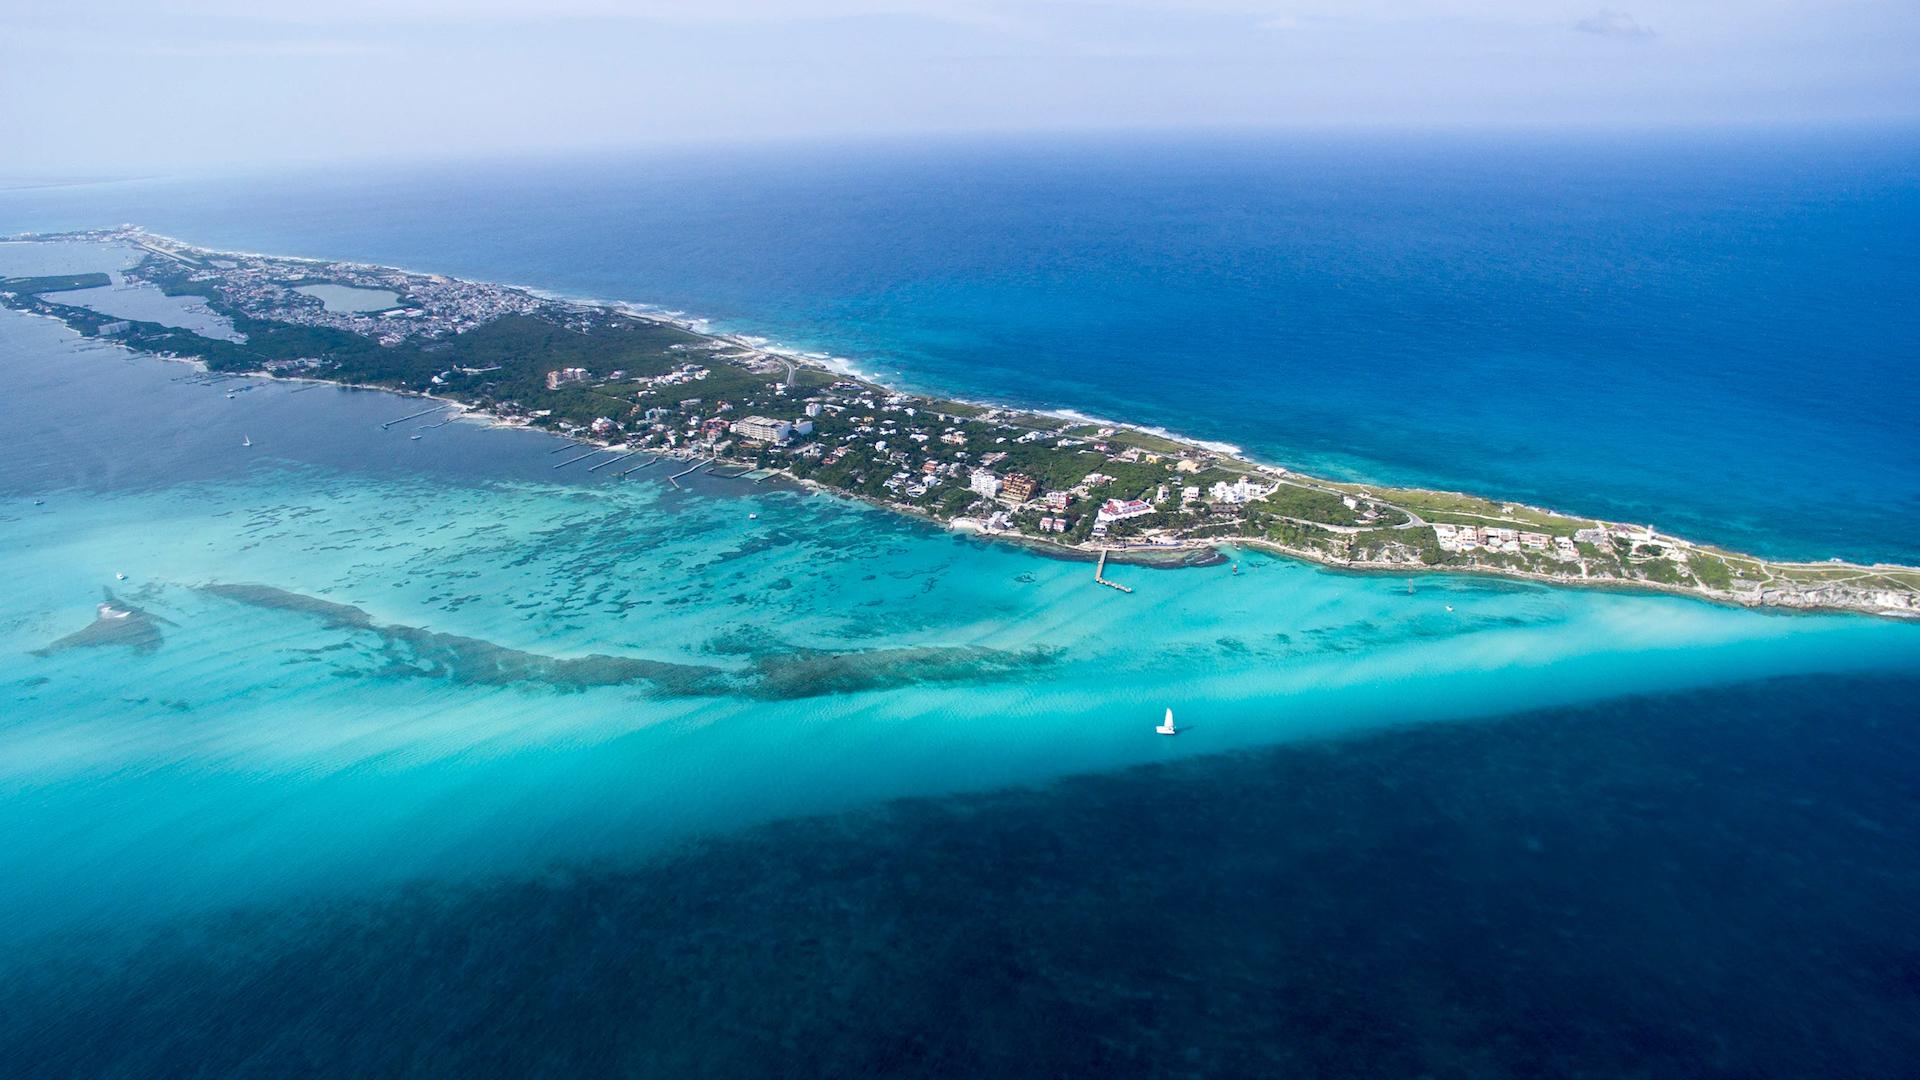 Viajes por México: qué hacer en Isla Mujeres, a 20 minutos de Cancún